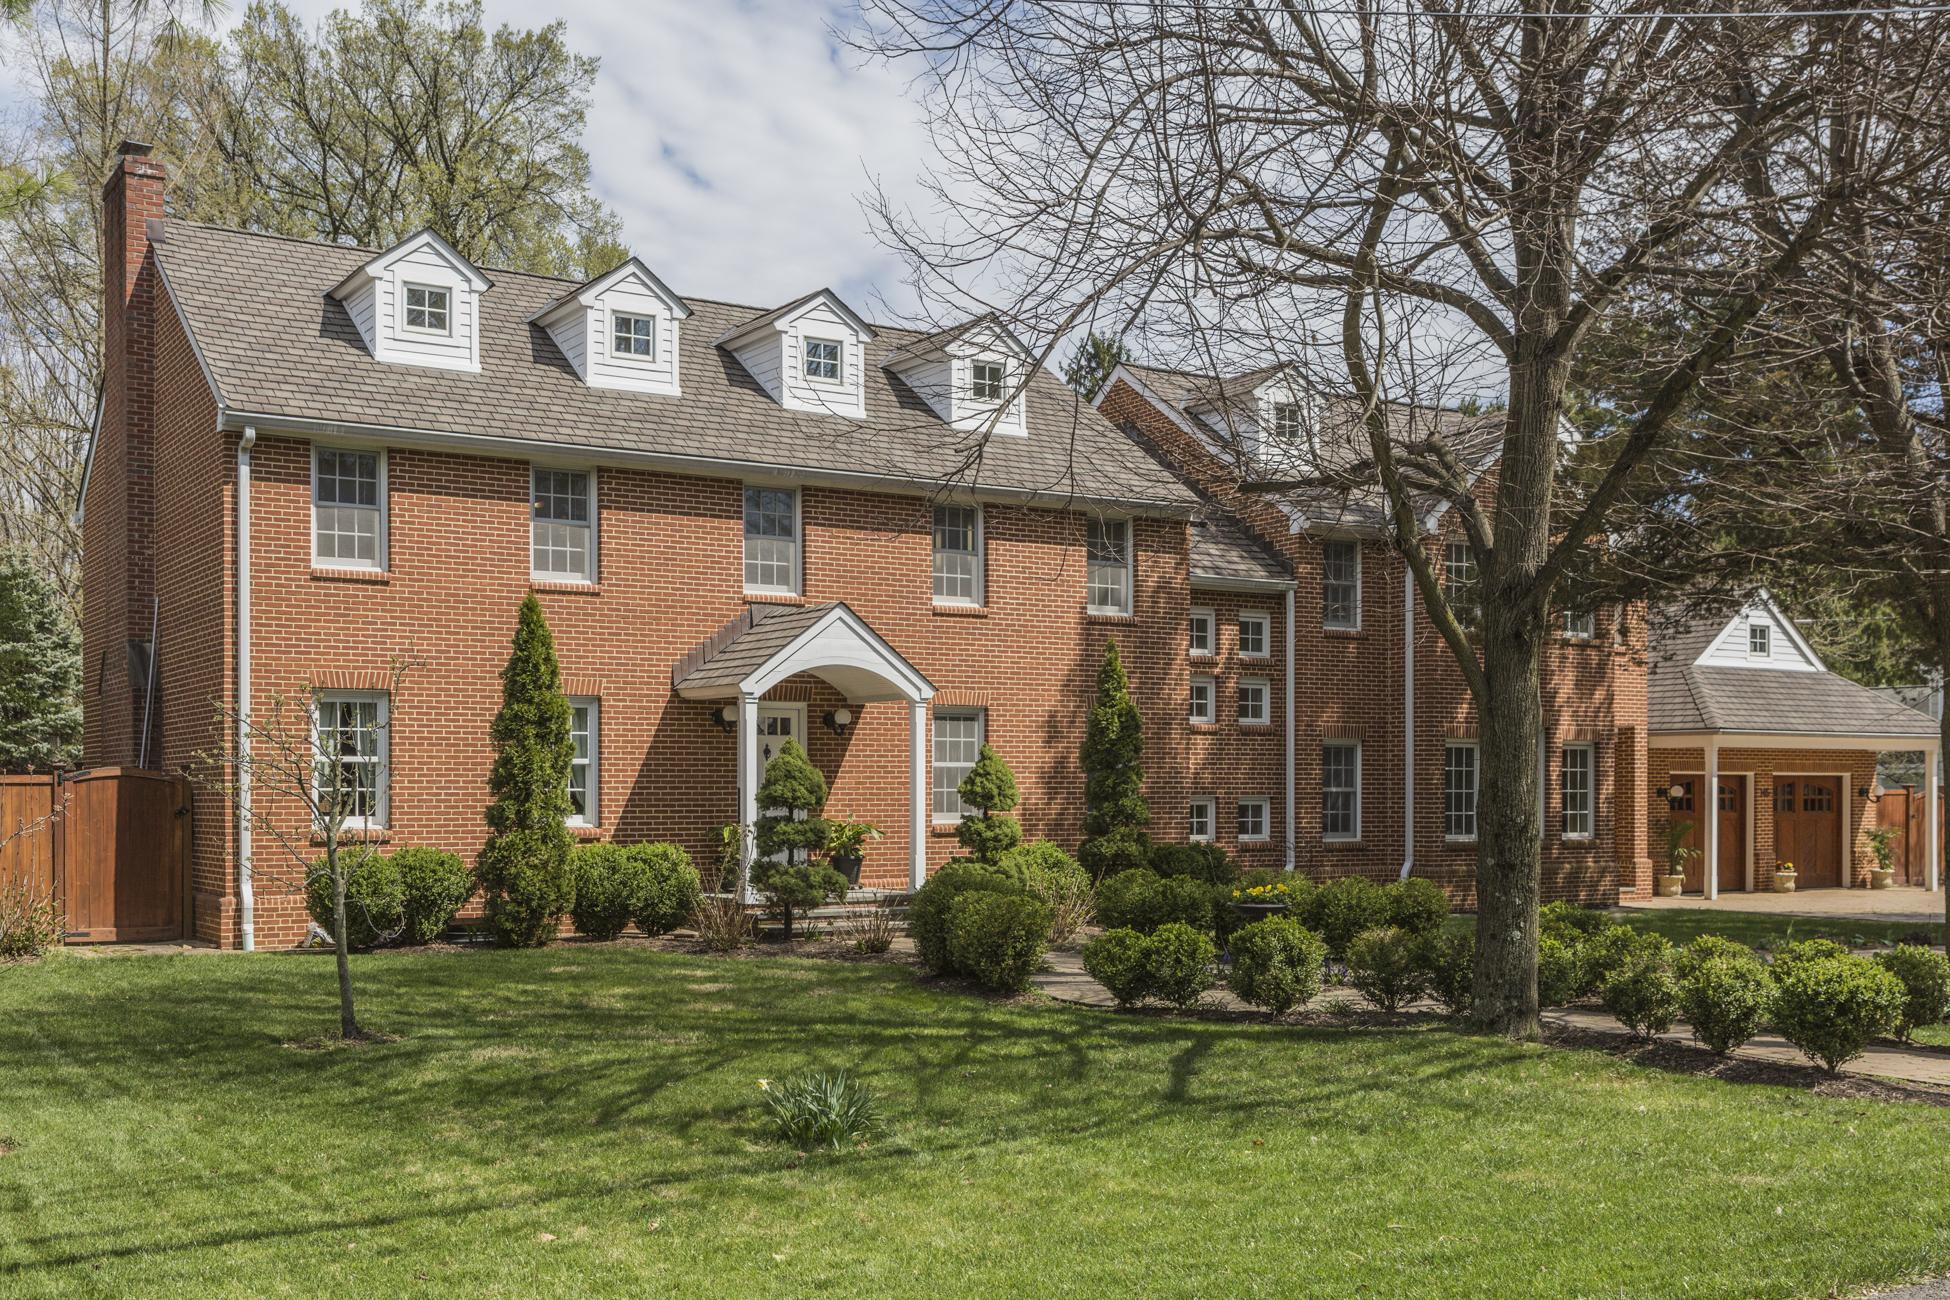 Maison unifamiliale pour l Vente à A Haven for Healthful Living 105 Elm Road Princeton, New Jersey, 08540 États-Unis